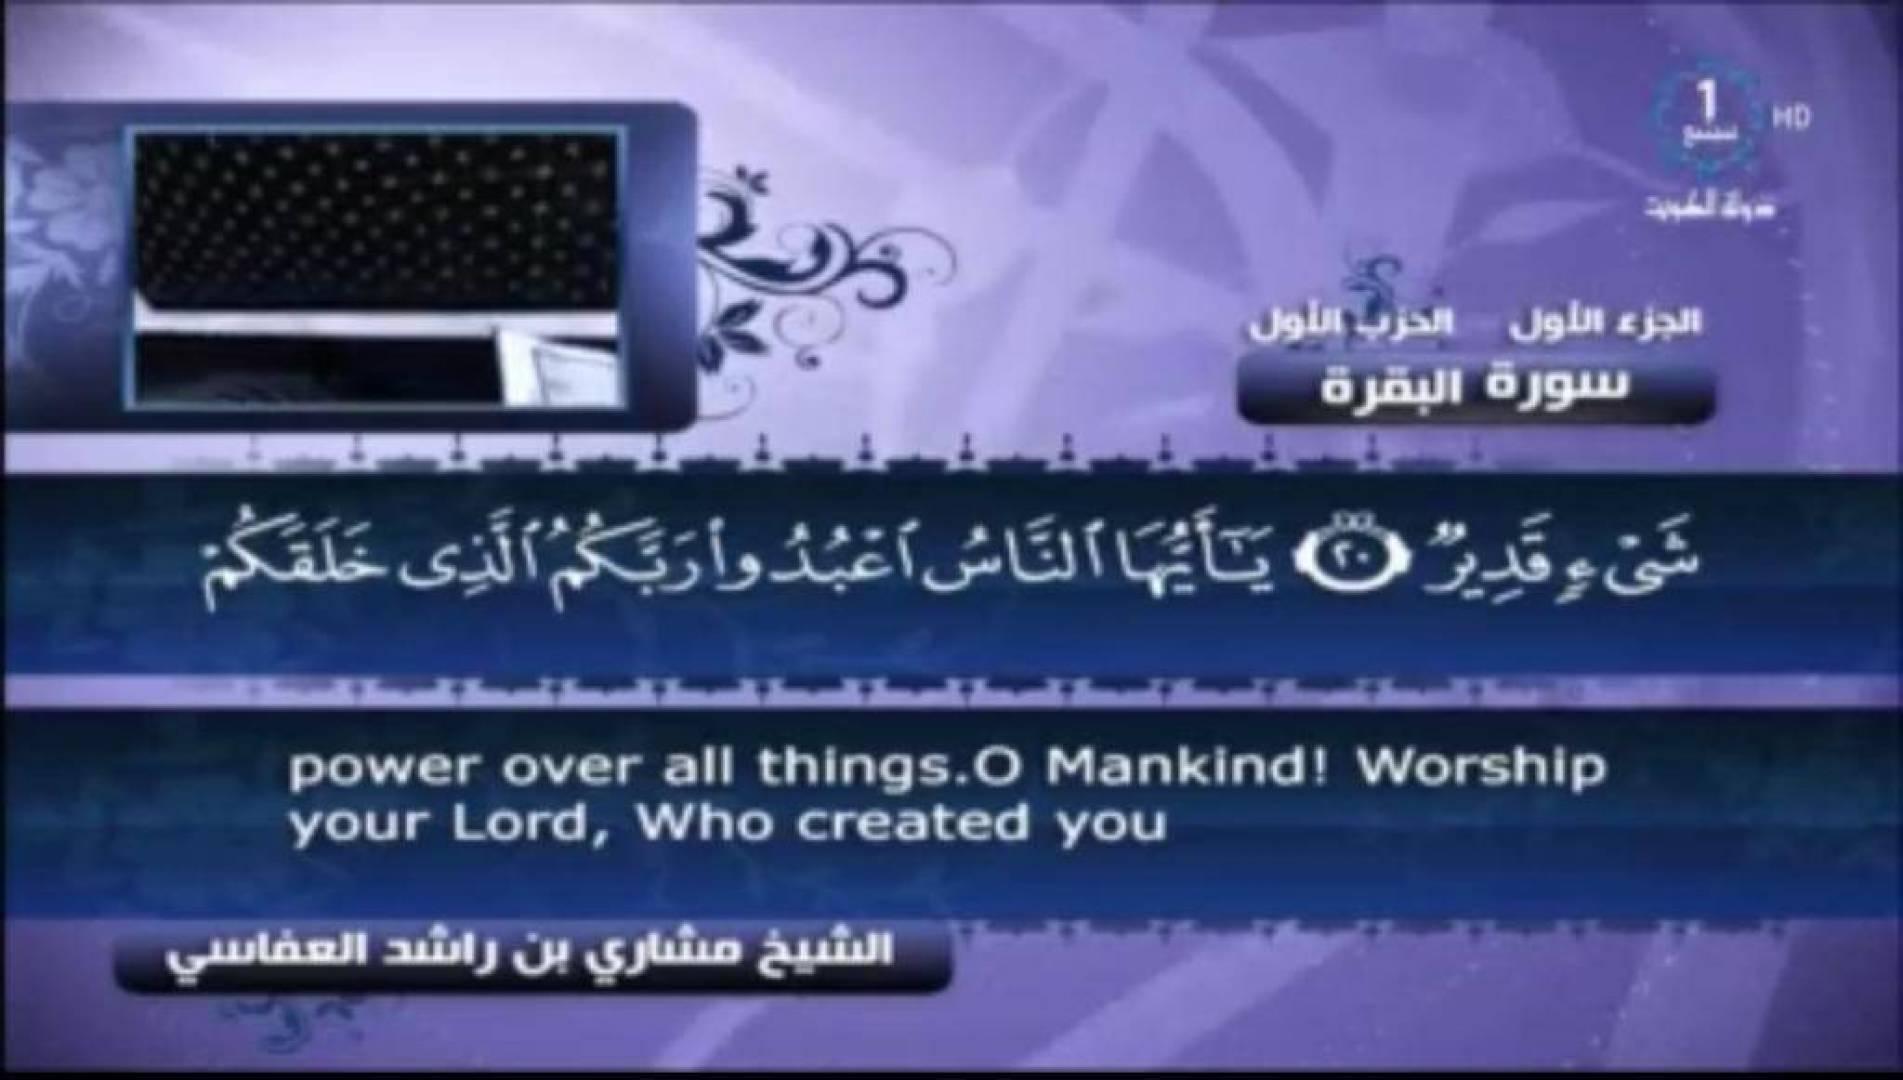 تلفزيون الكويت يقطع بث برامجه ويذيع آيات من القرآن الكريم